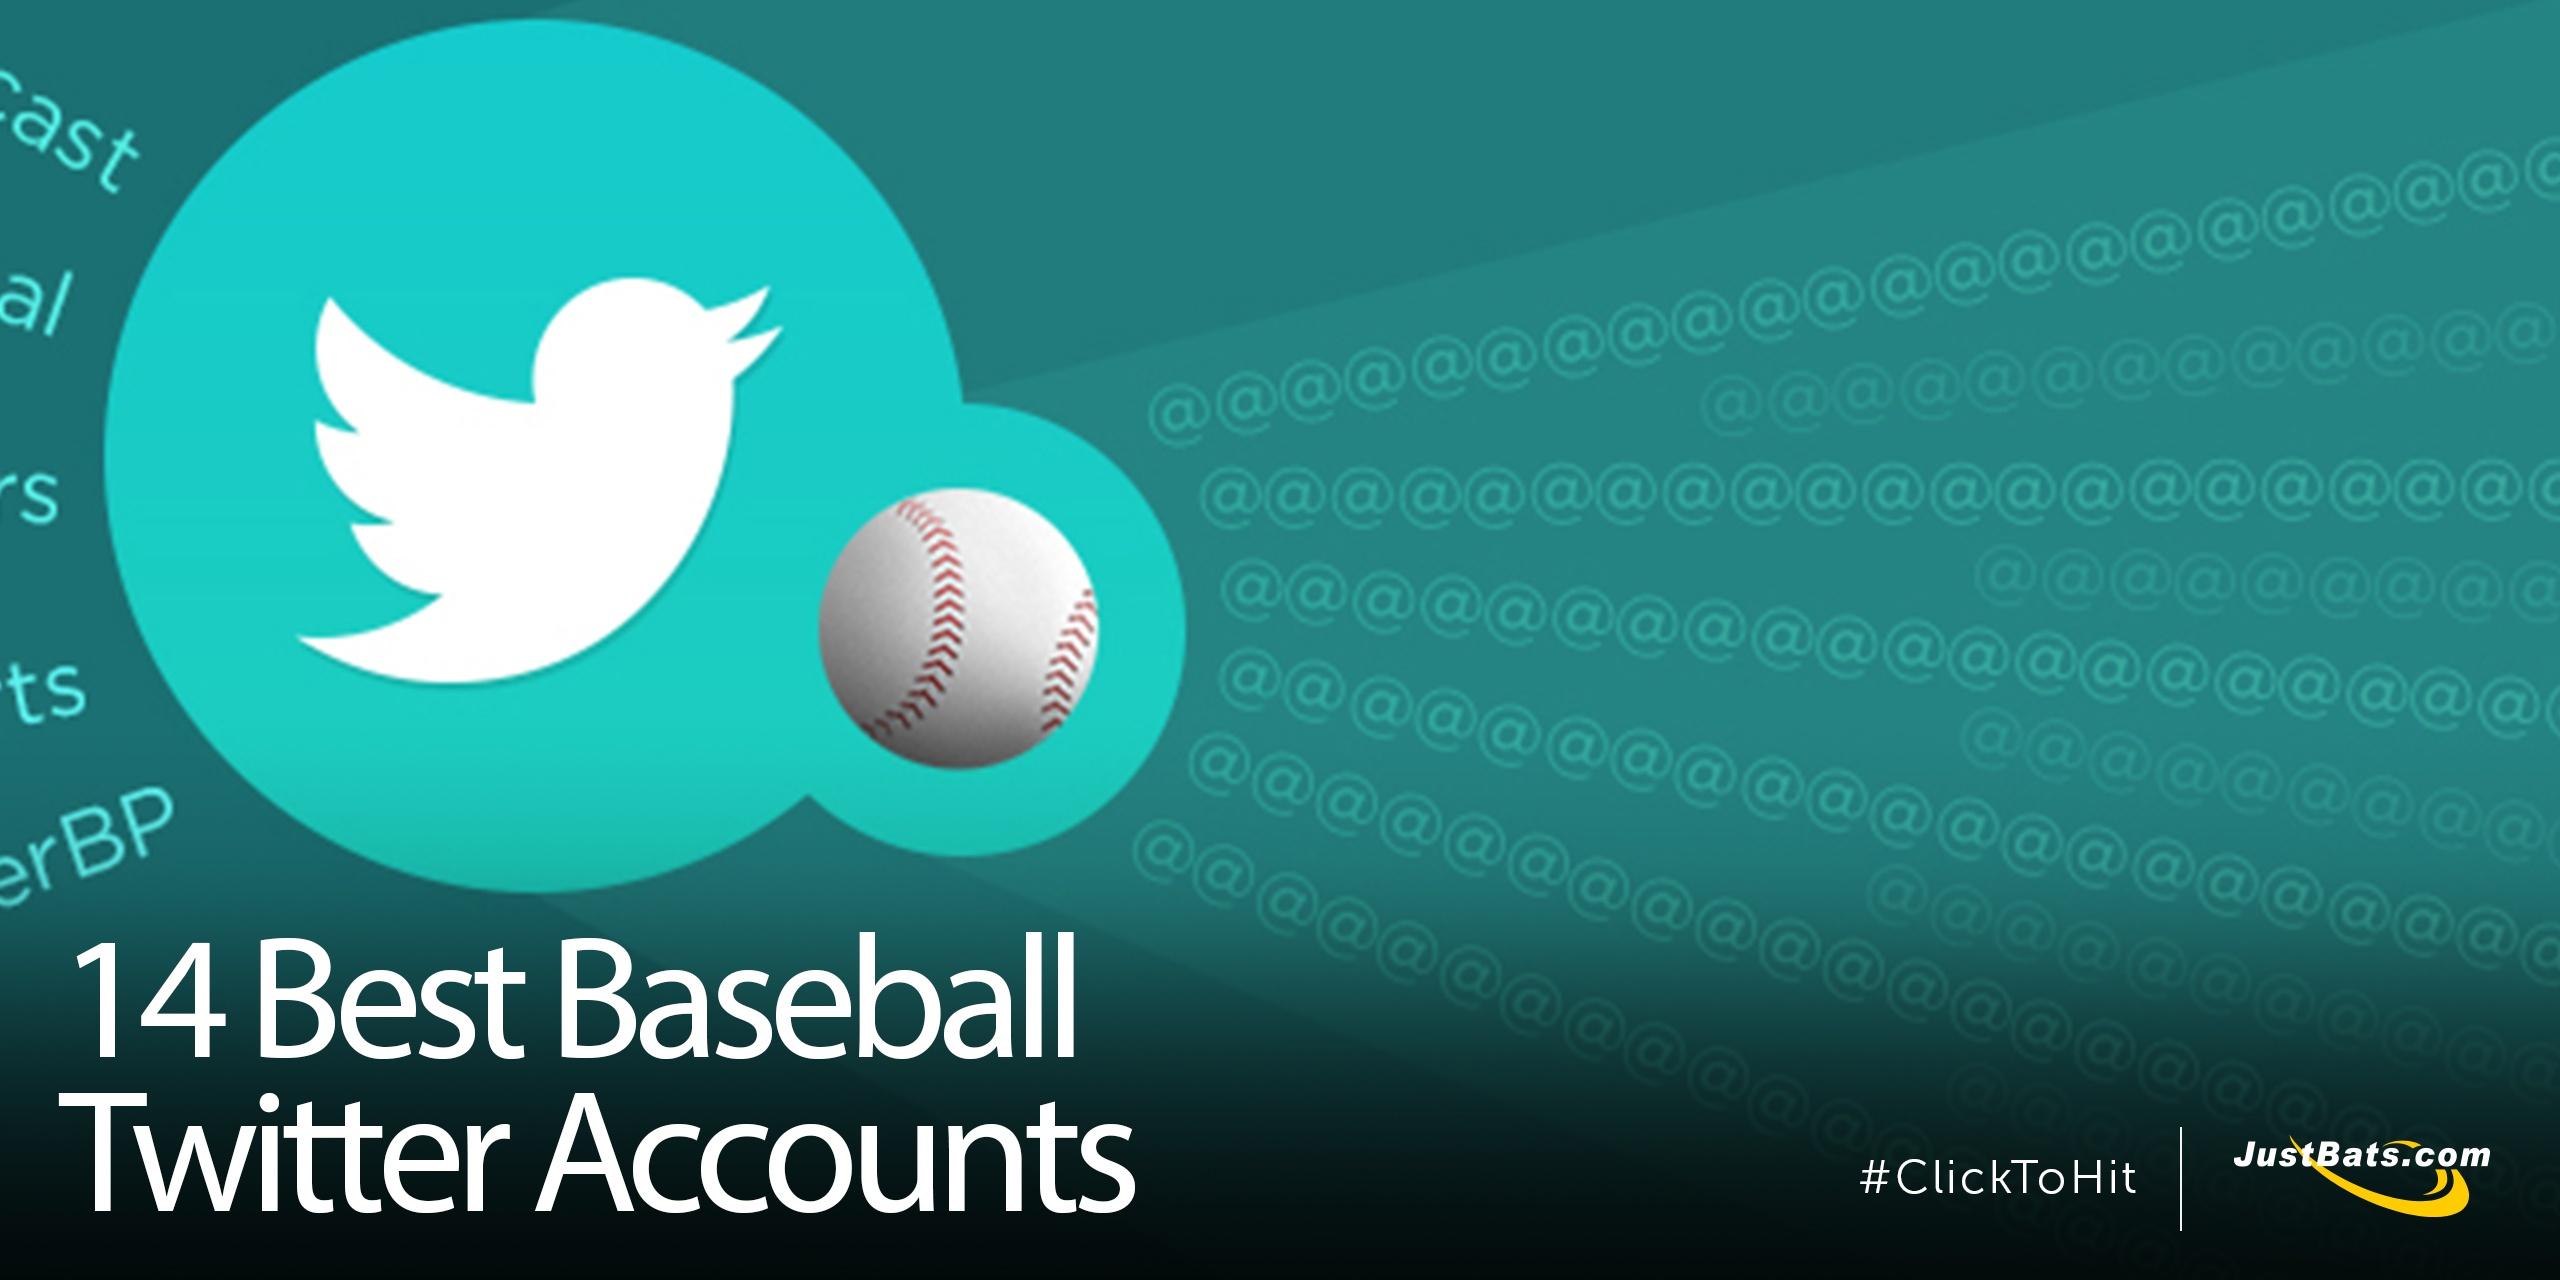 14 Best Baseball Twitter Accounts - Blog.jpg